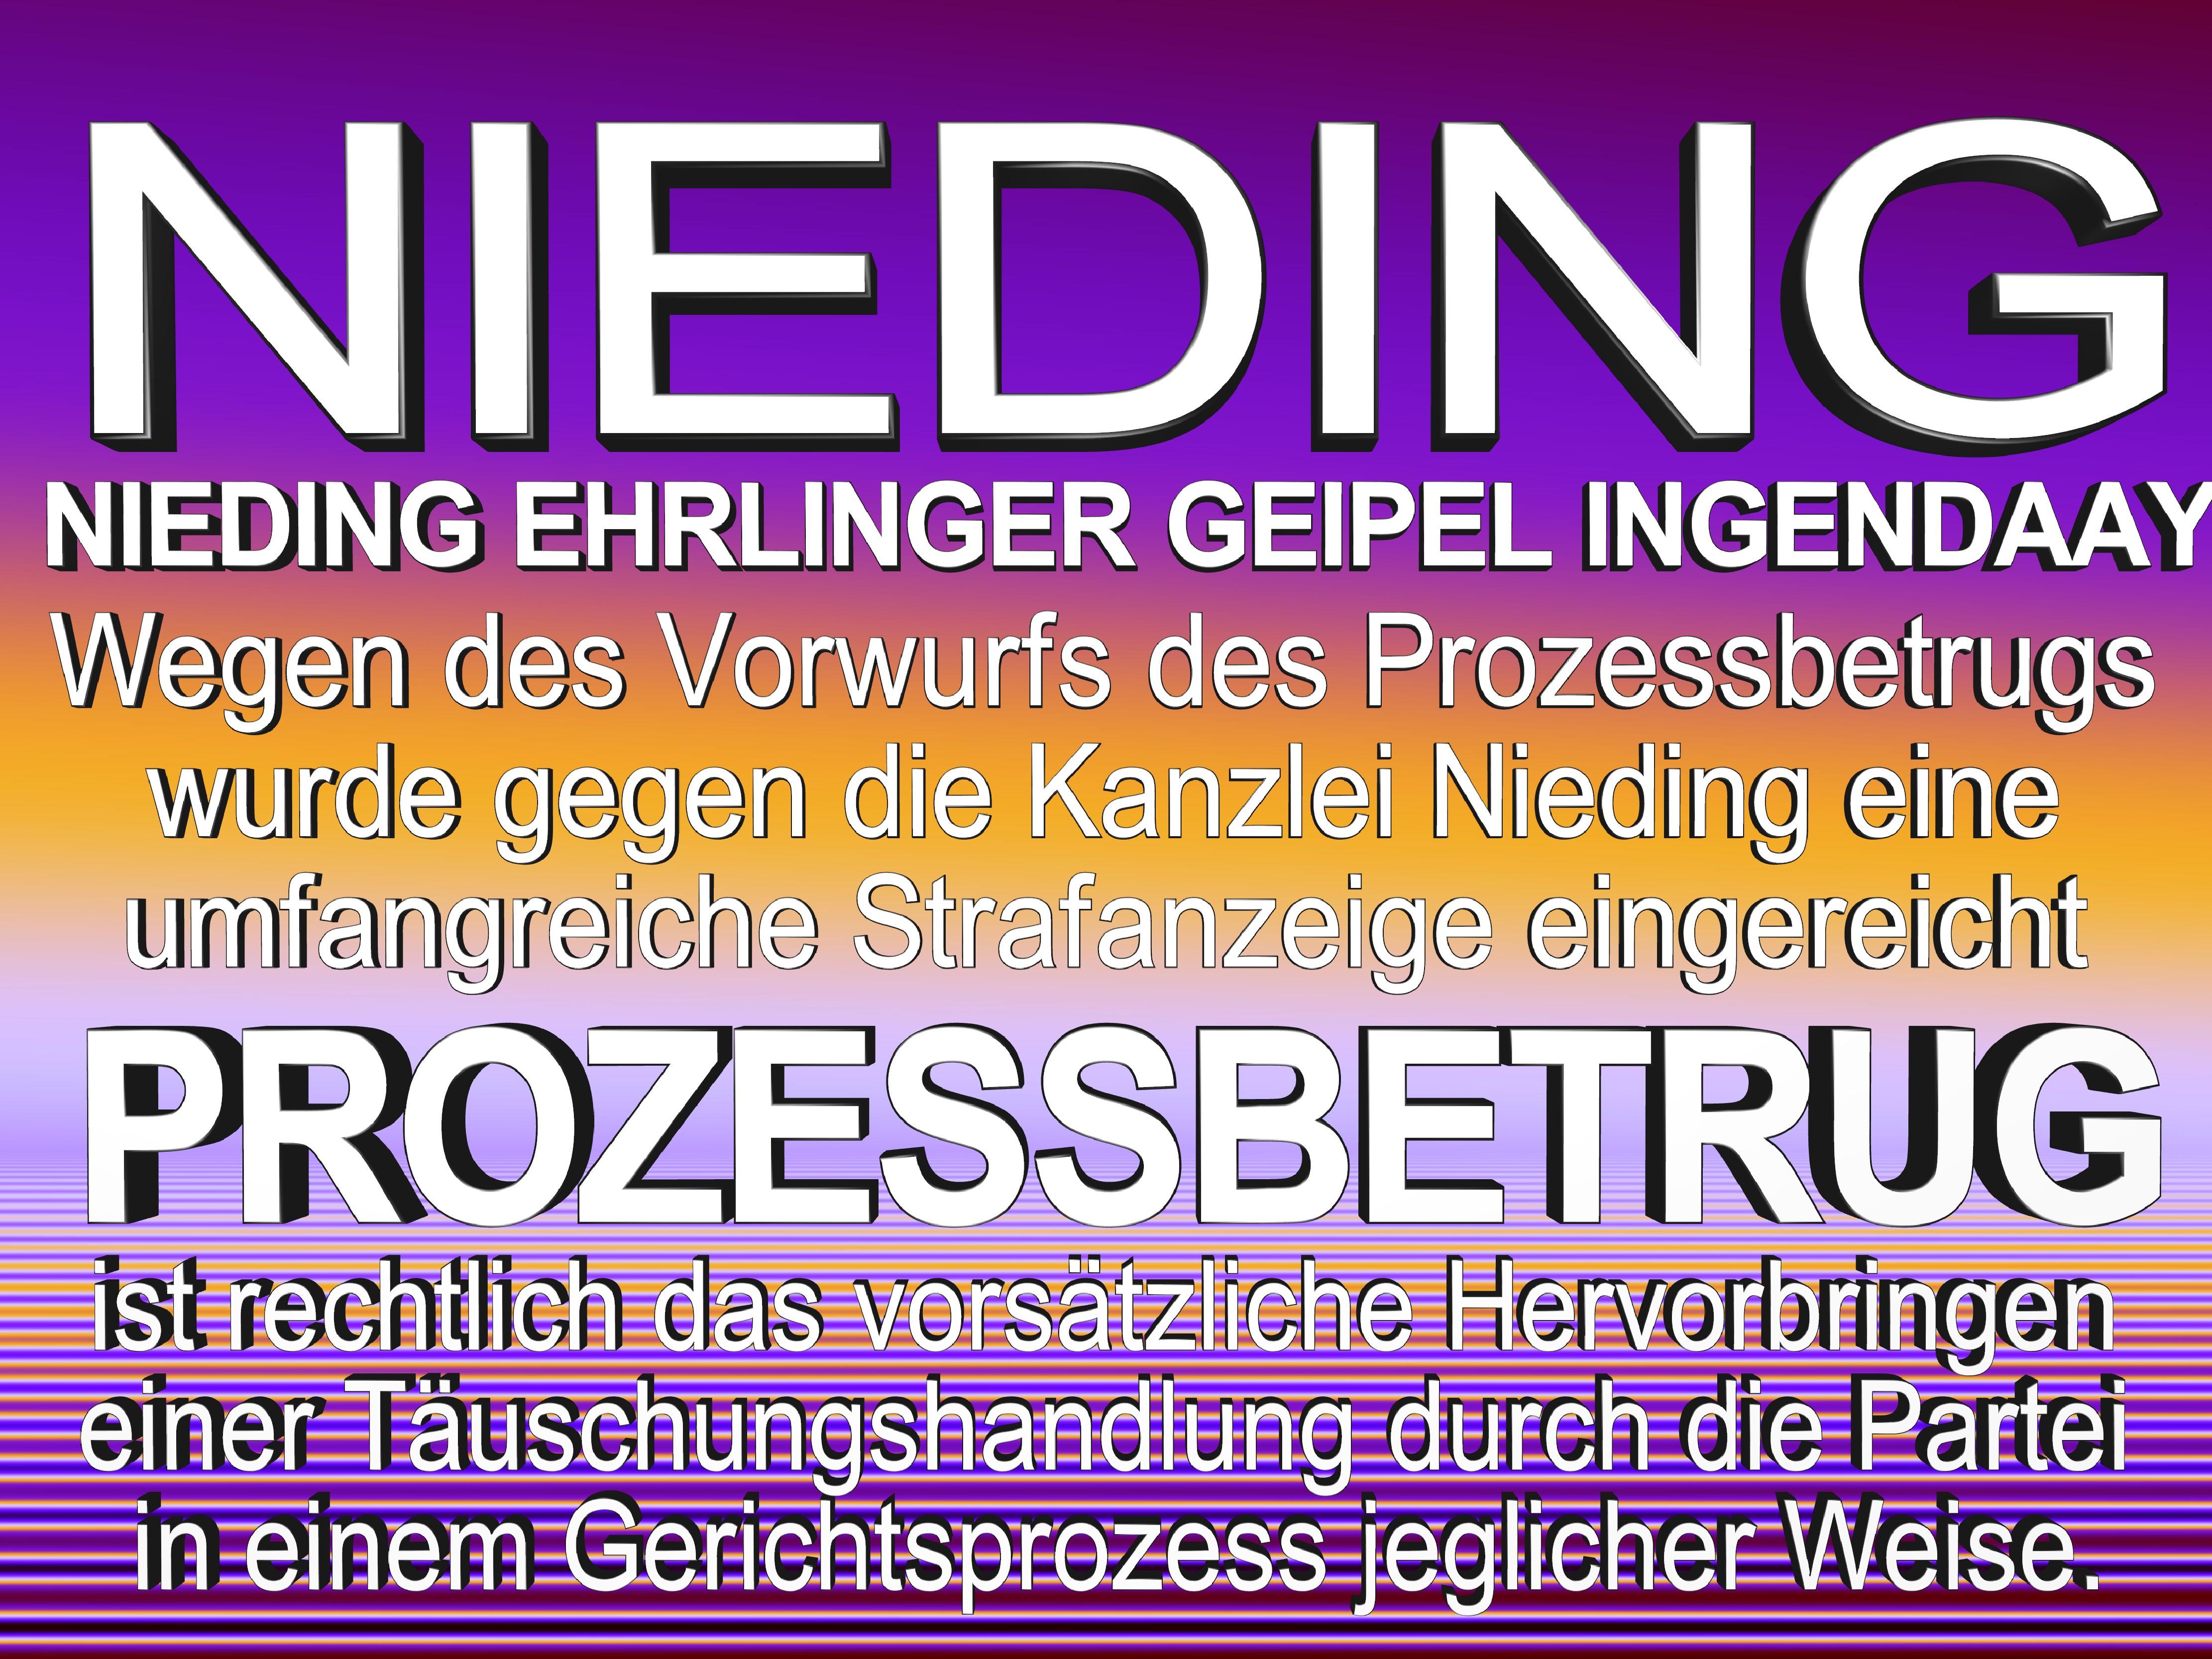 NIEDING EHRLINGER GEIPEL INGENDAAY LELKE Kurfürstendamm 66 Berlin (41)